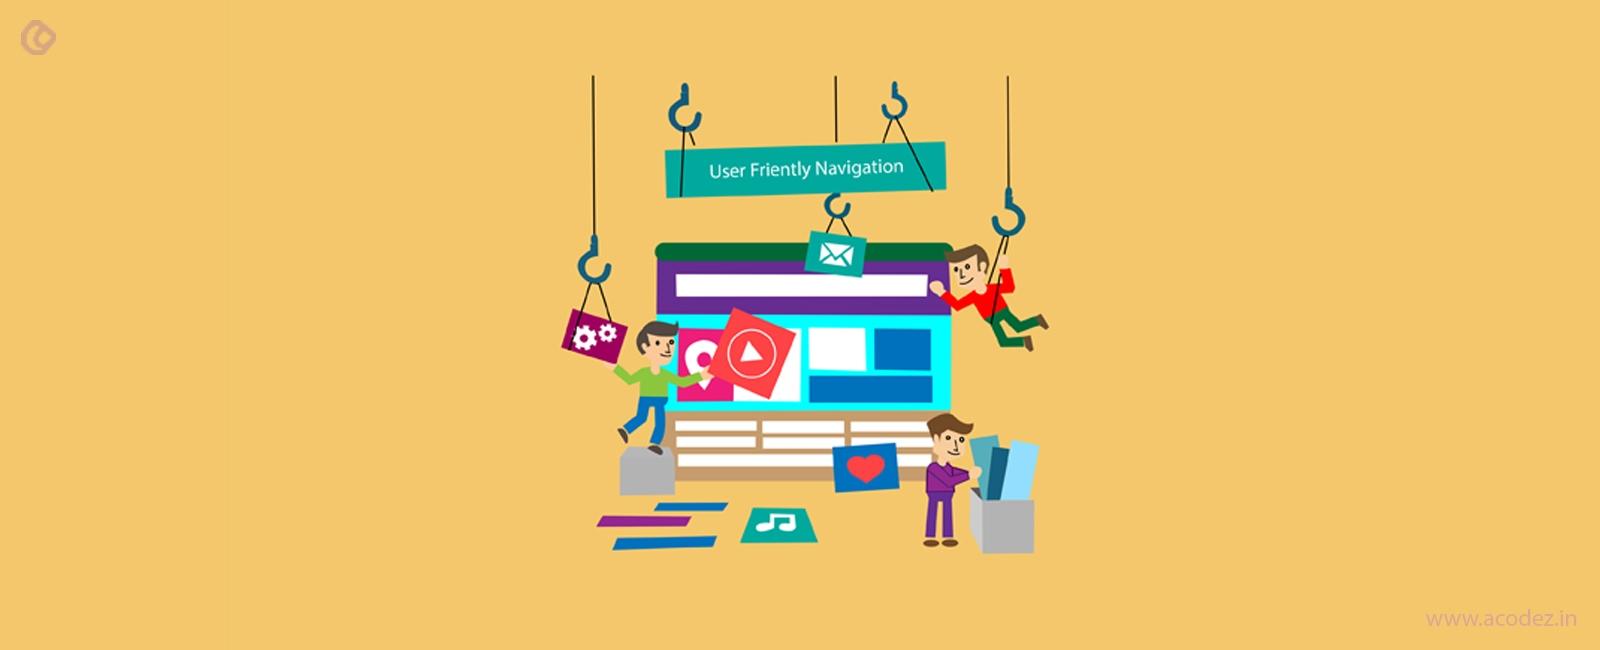 Website Navigation Design Best Practices Web Navigation Trends